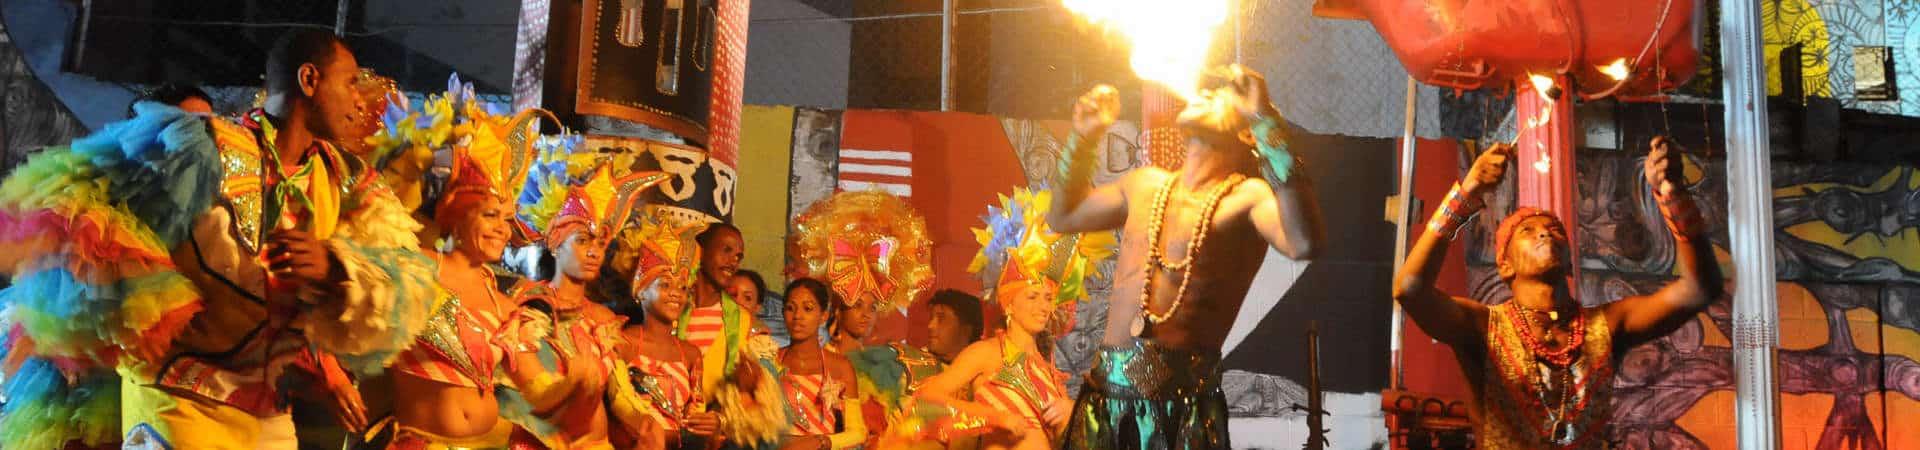 Fiesta del Fuego at Santiago de Cuba City